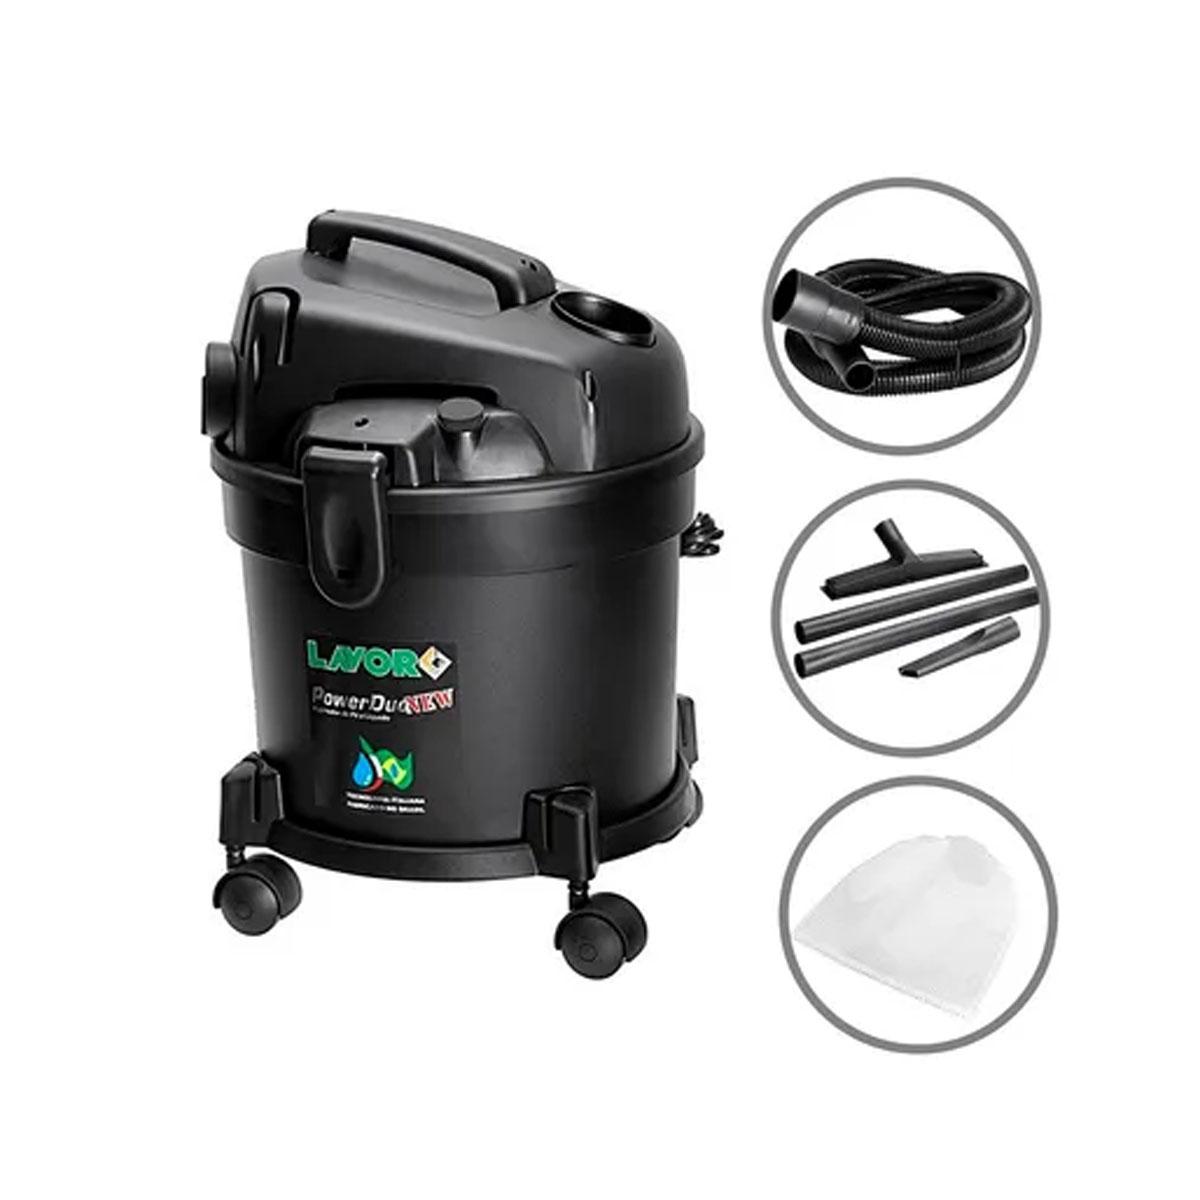 Aspirador de Pó e Liquido Power Duo New 110v Lavor